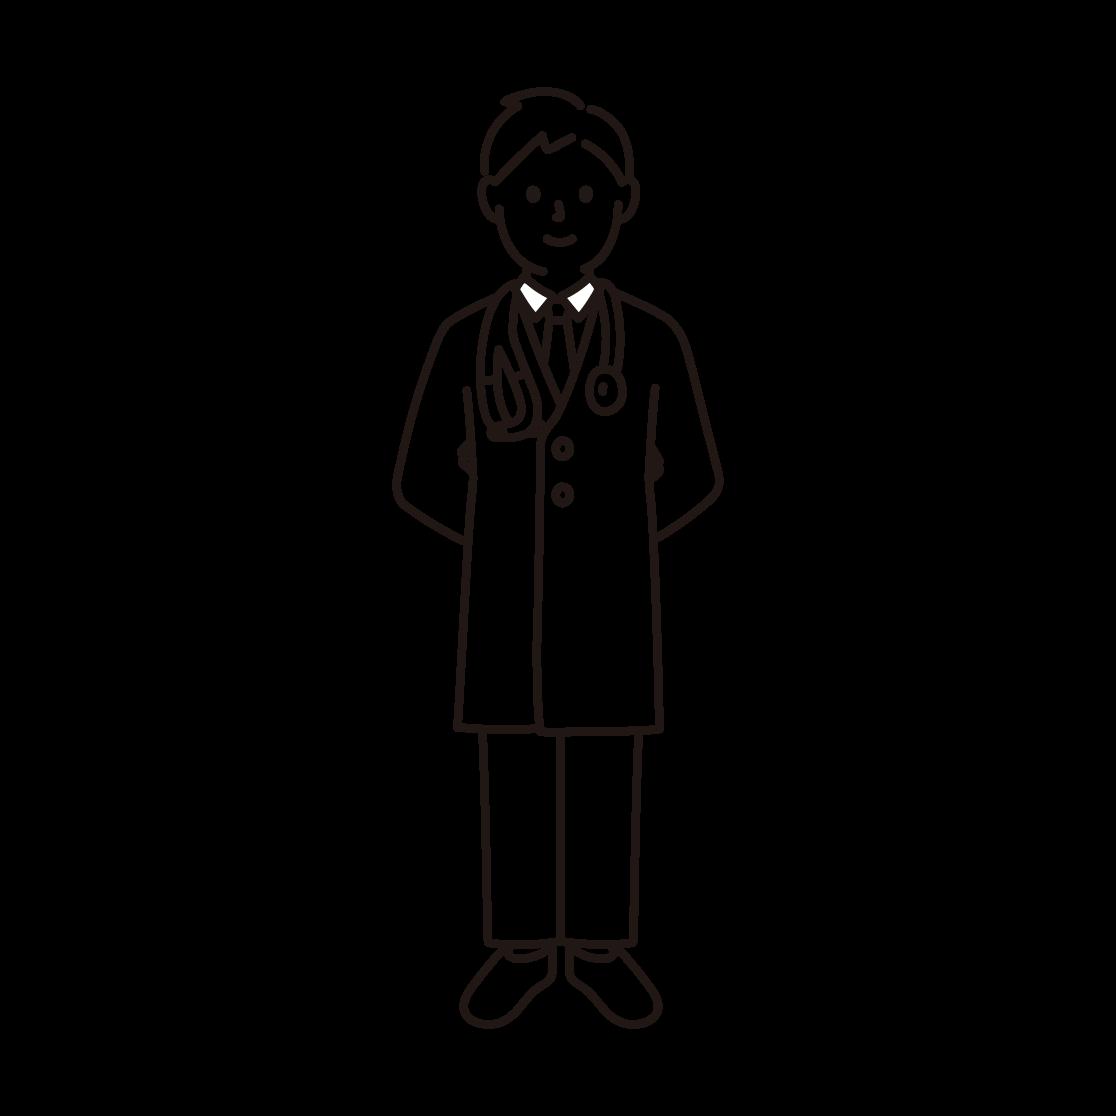 医者の線画イラスト